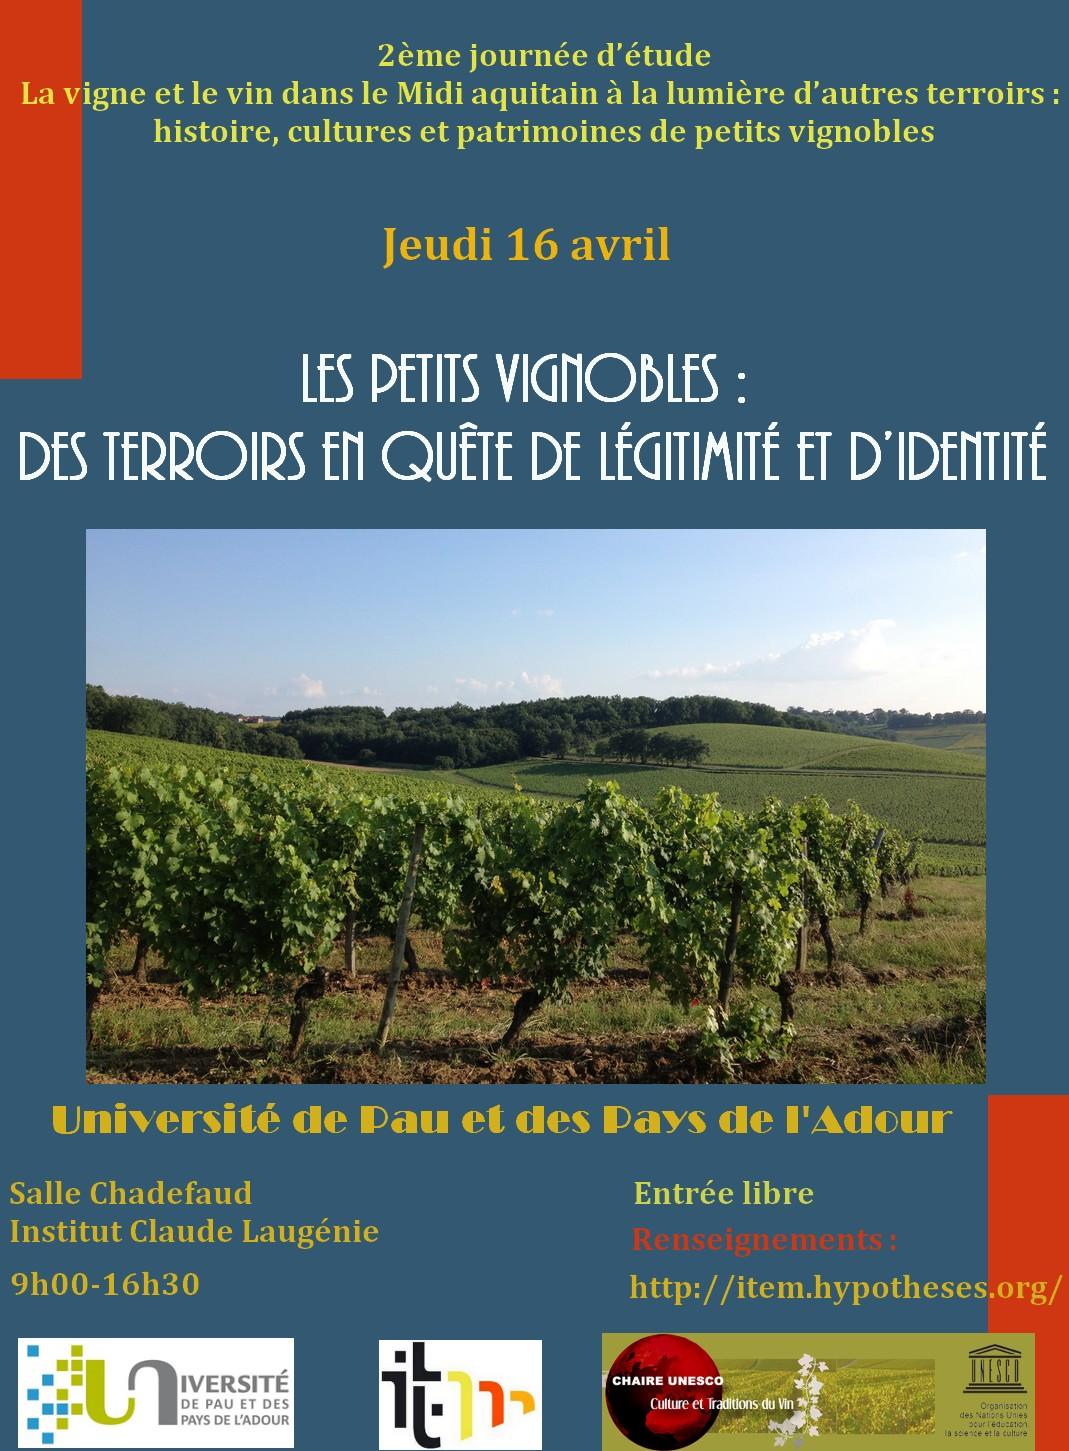 2eme journée petits vignobles - Affiche